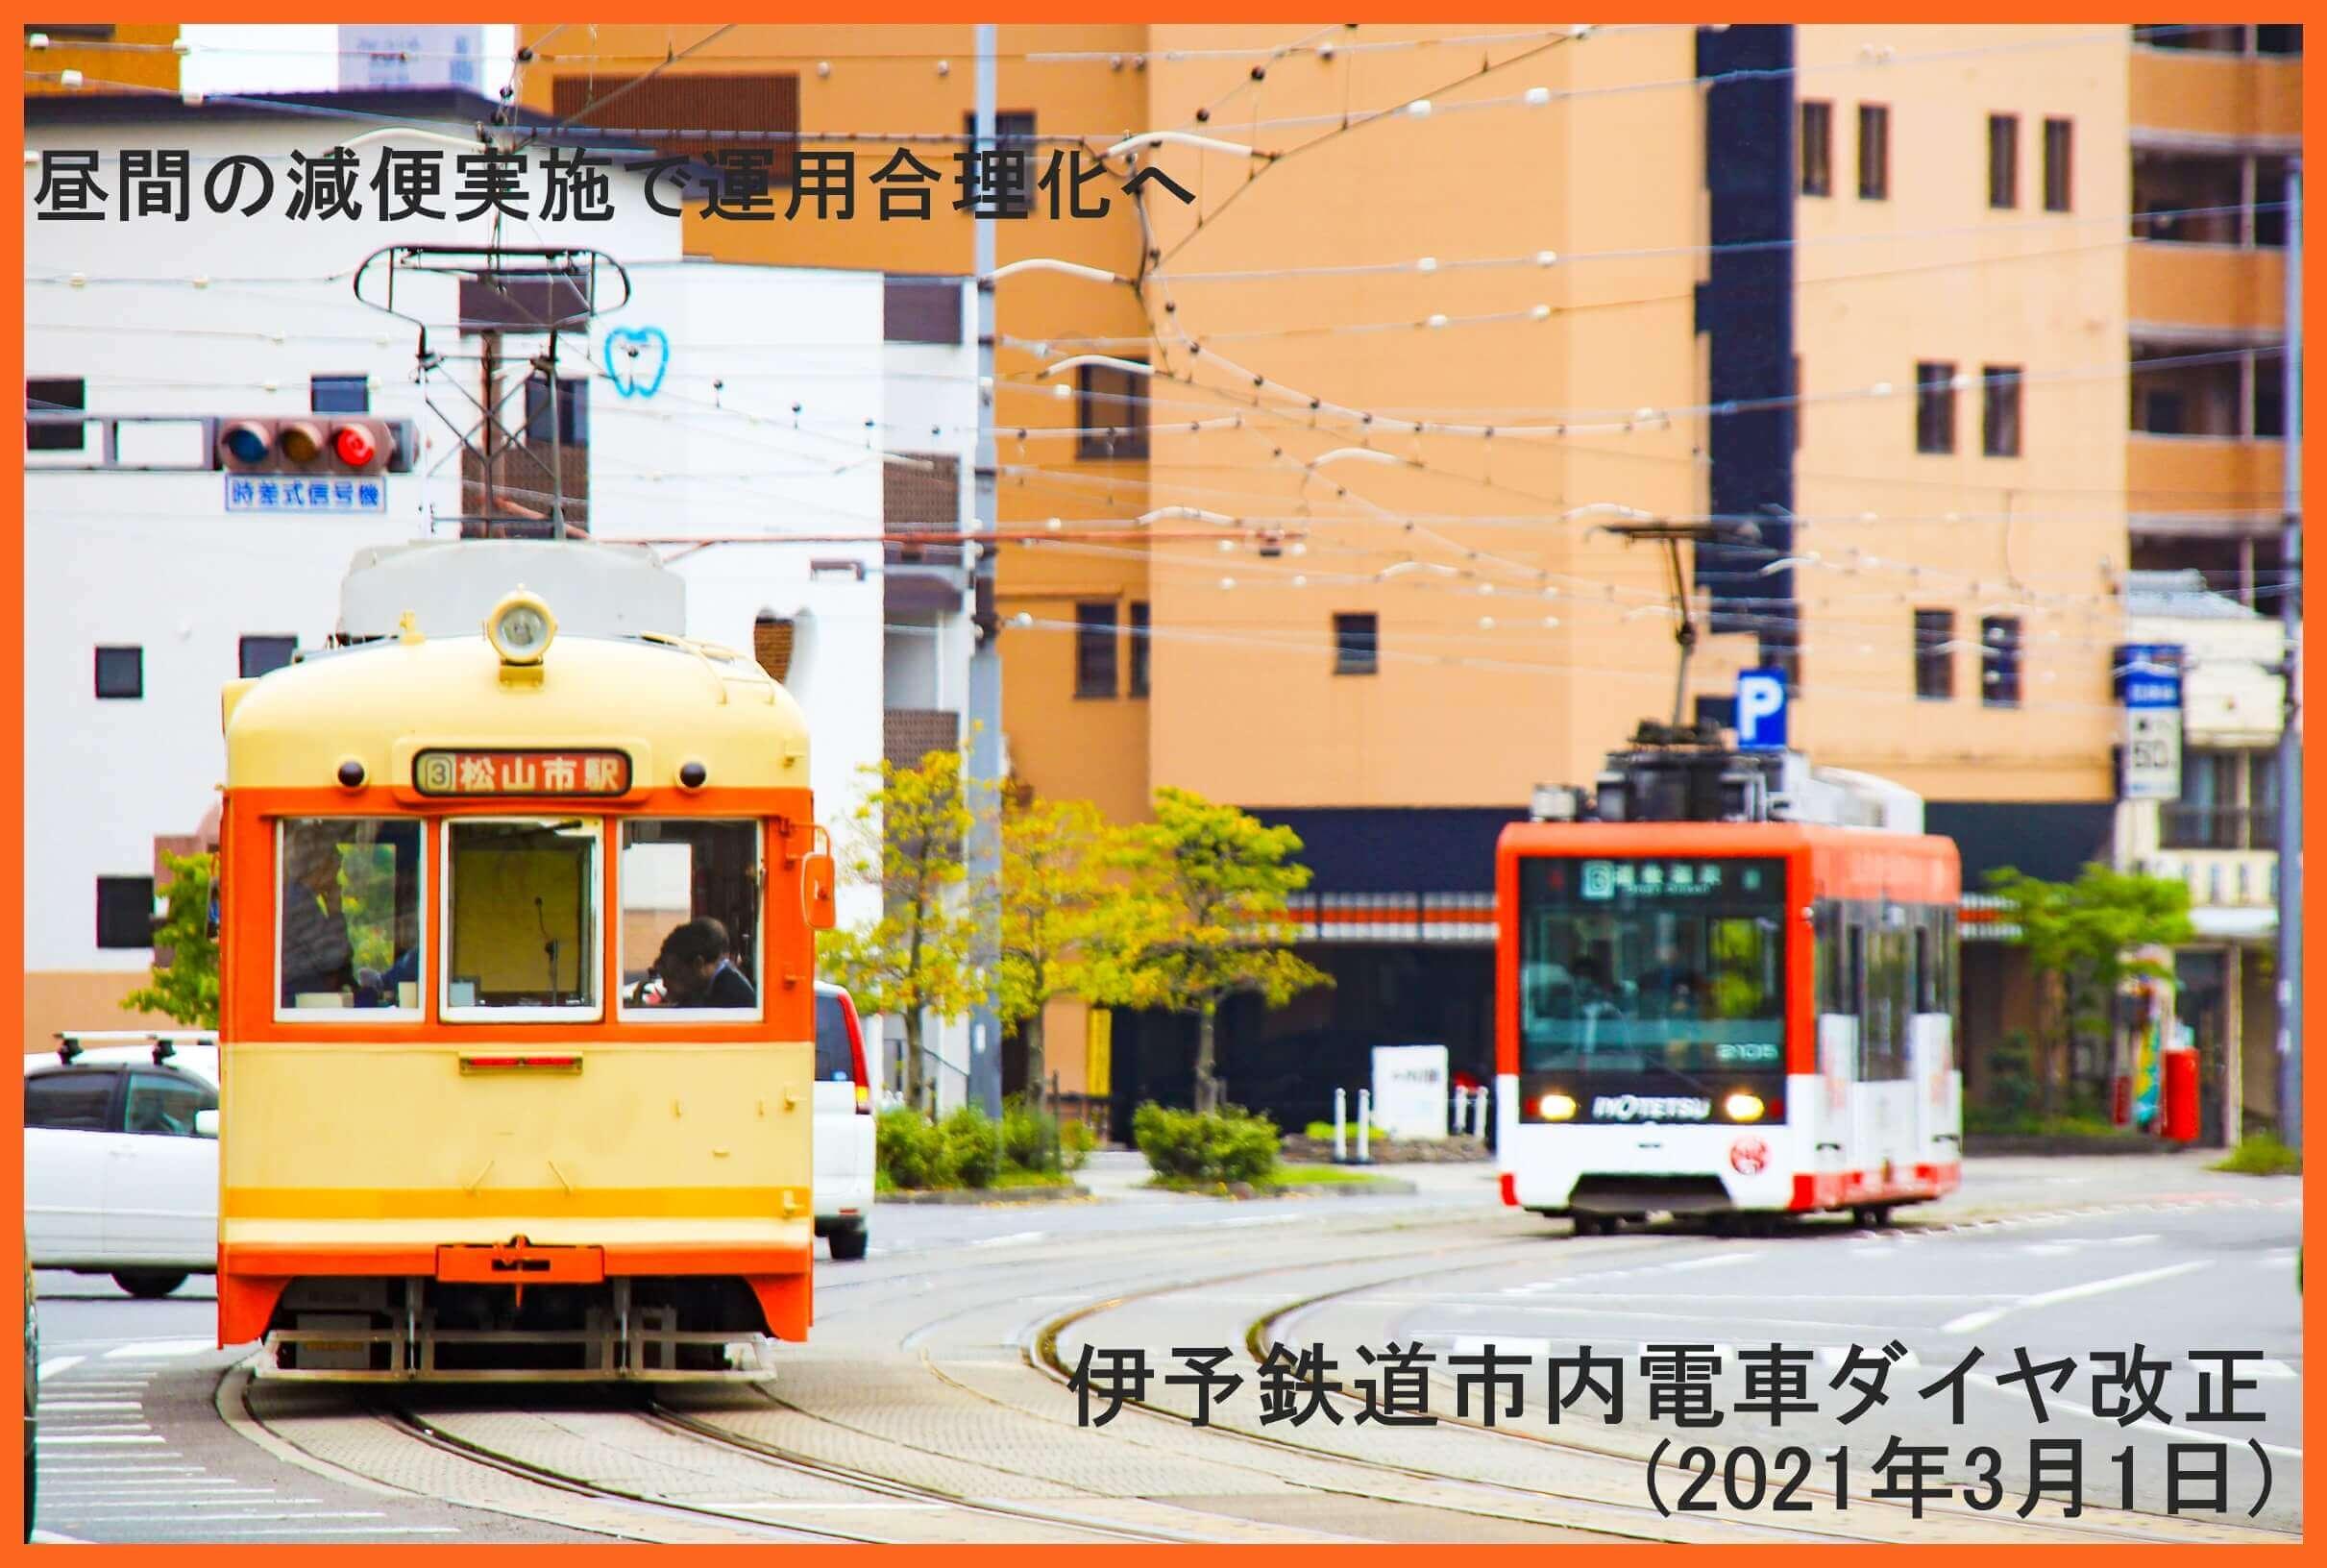 昼間の減便実施で運用合理化へ 伊予鉄道市内電車ダイヤ改正(2021年3月1日)